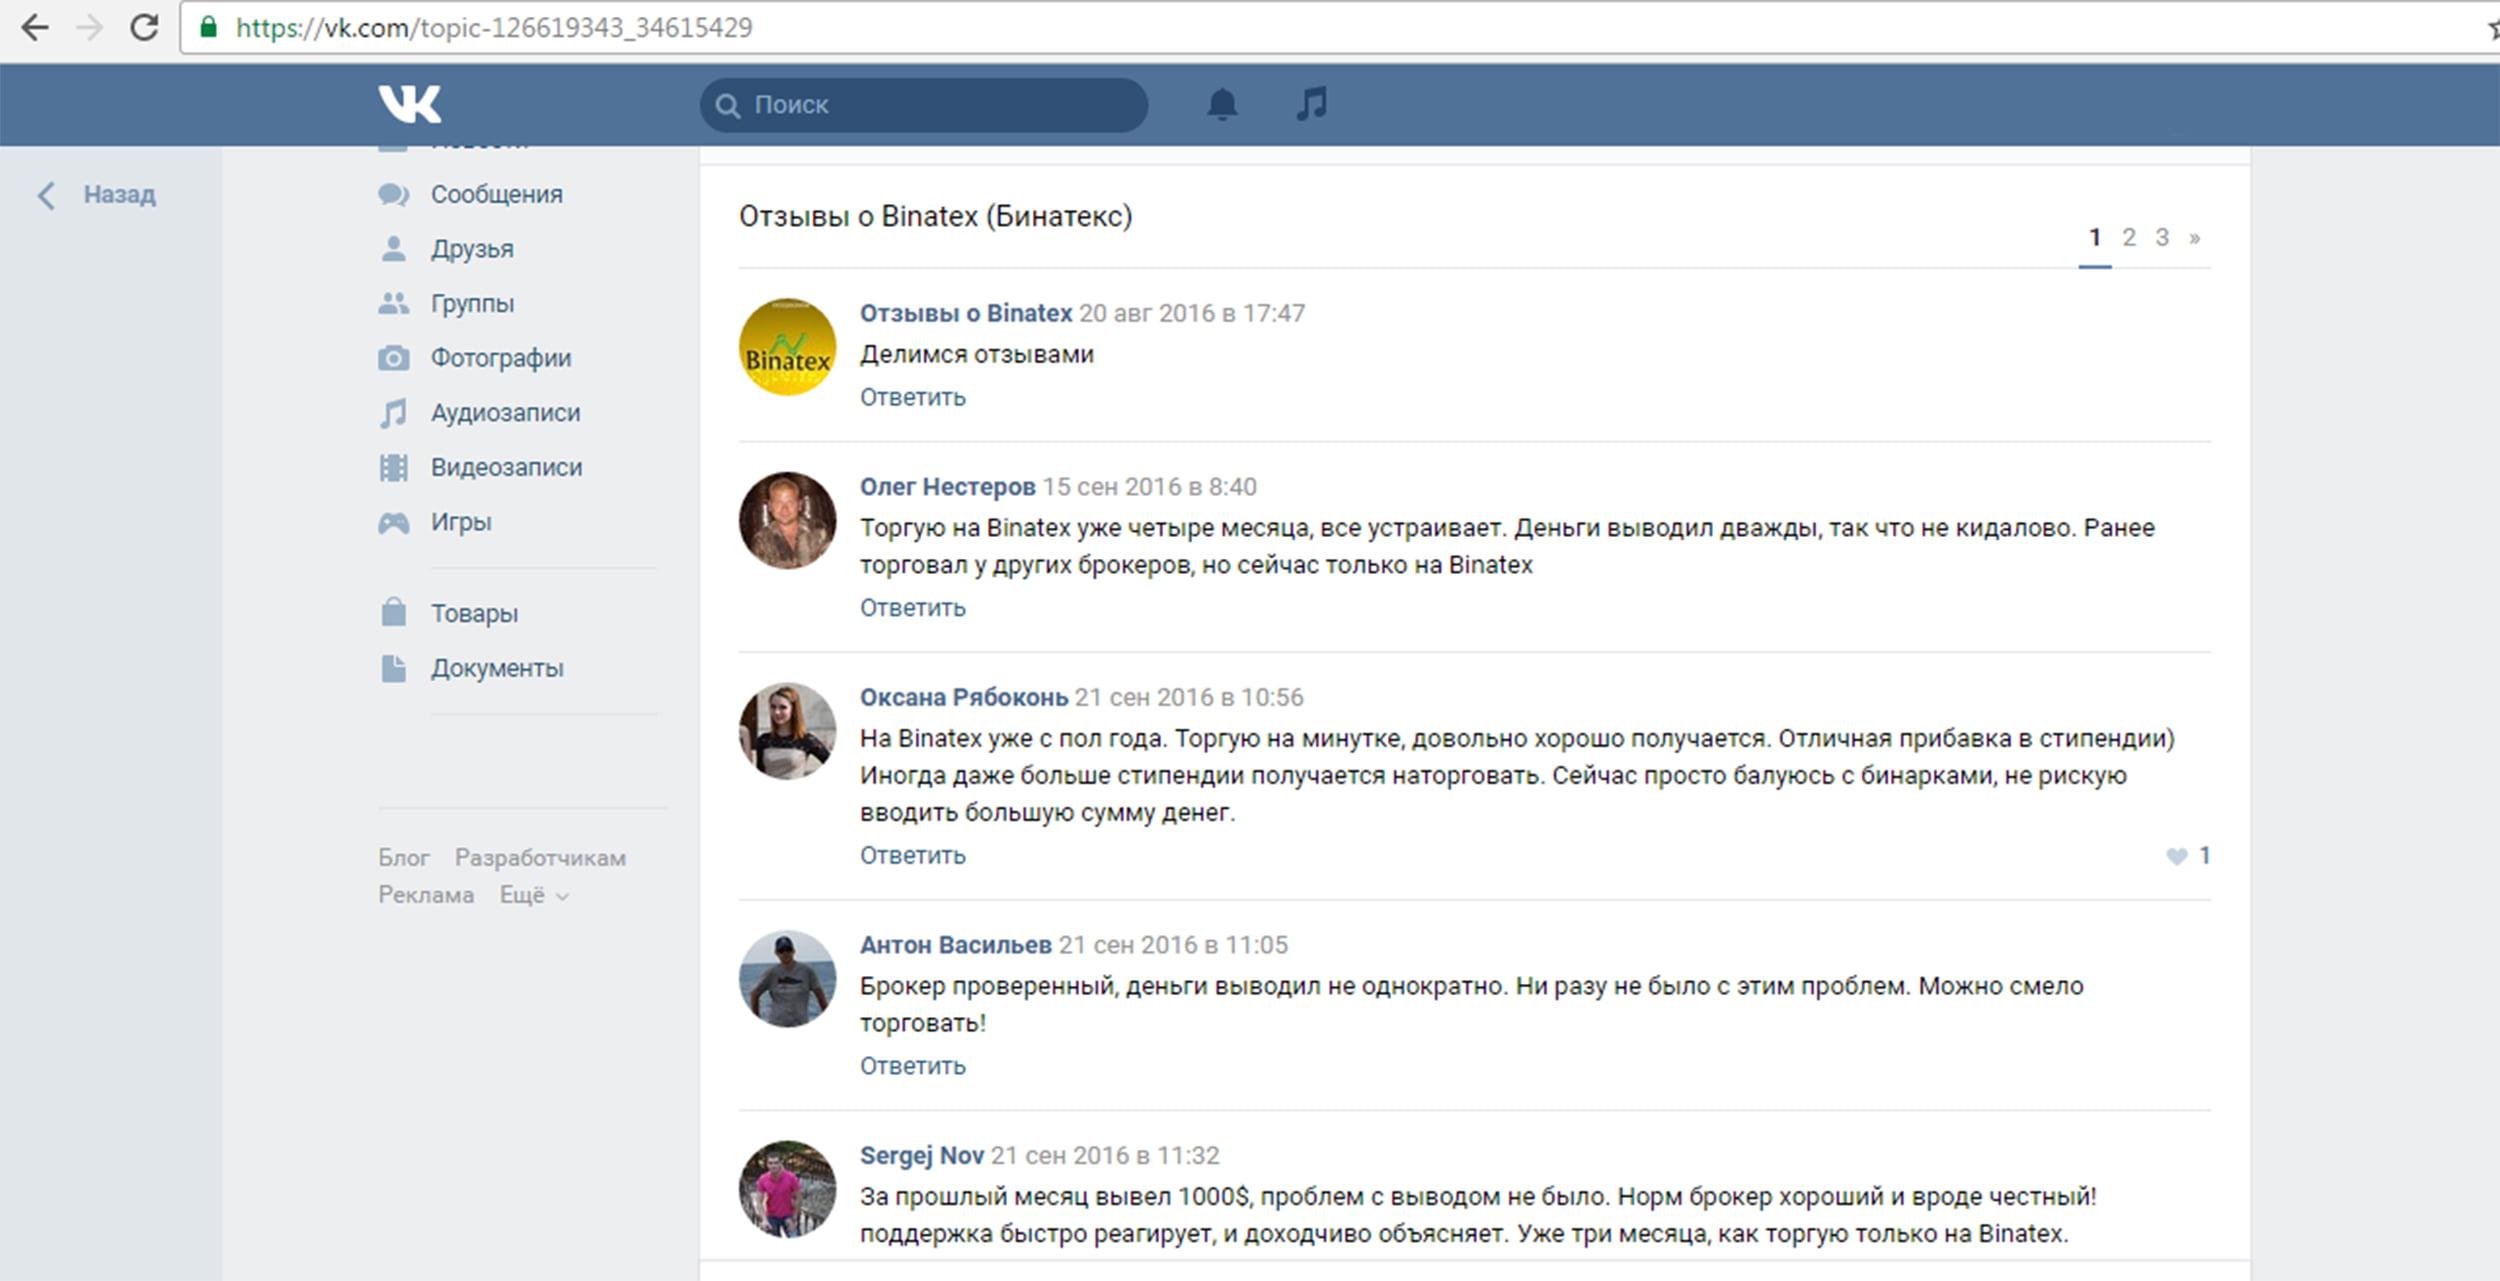 Отзывы о Бинатекс в ВК